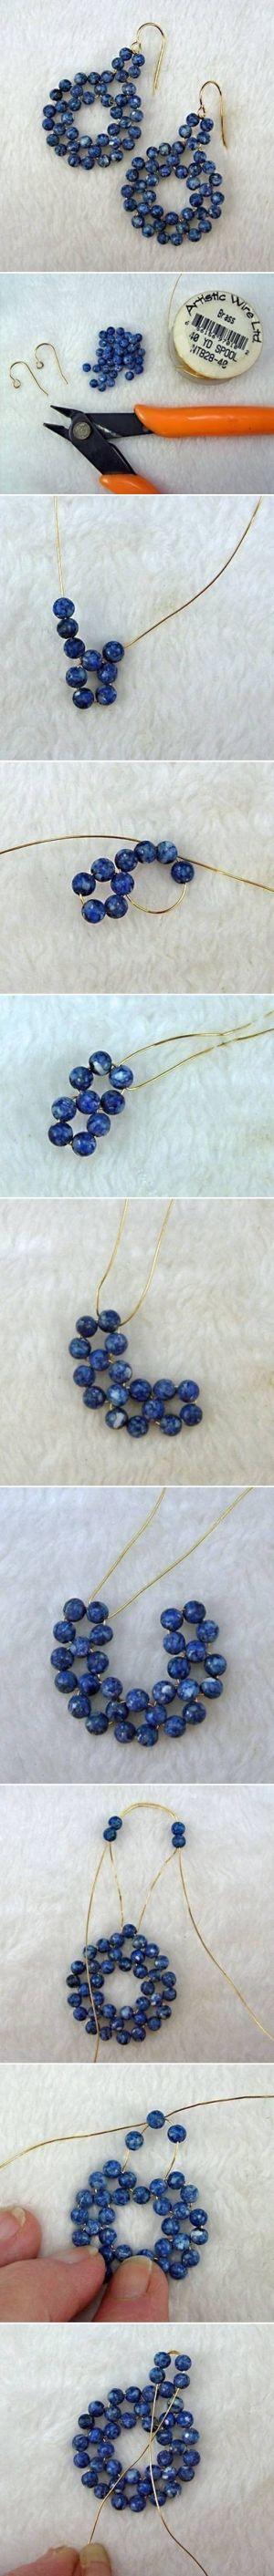 DIY kralen op de draad Oorbellen DIY kralen op Wire Earrings door diyforever